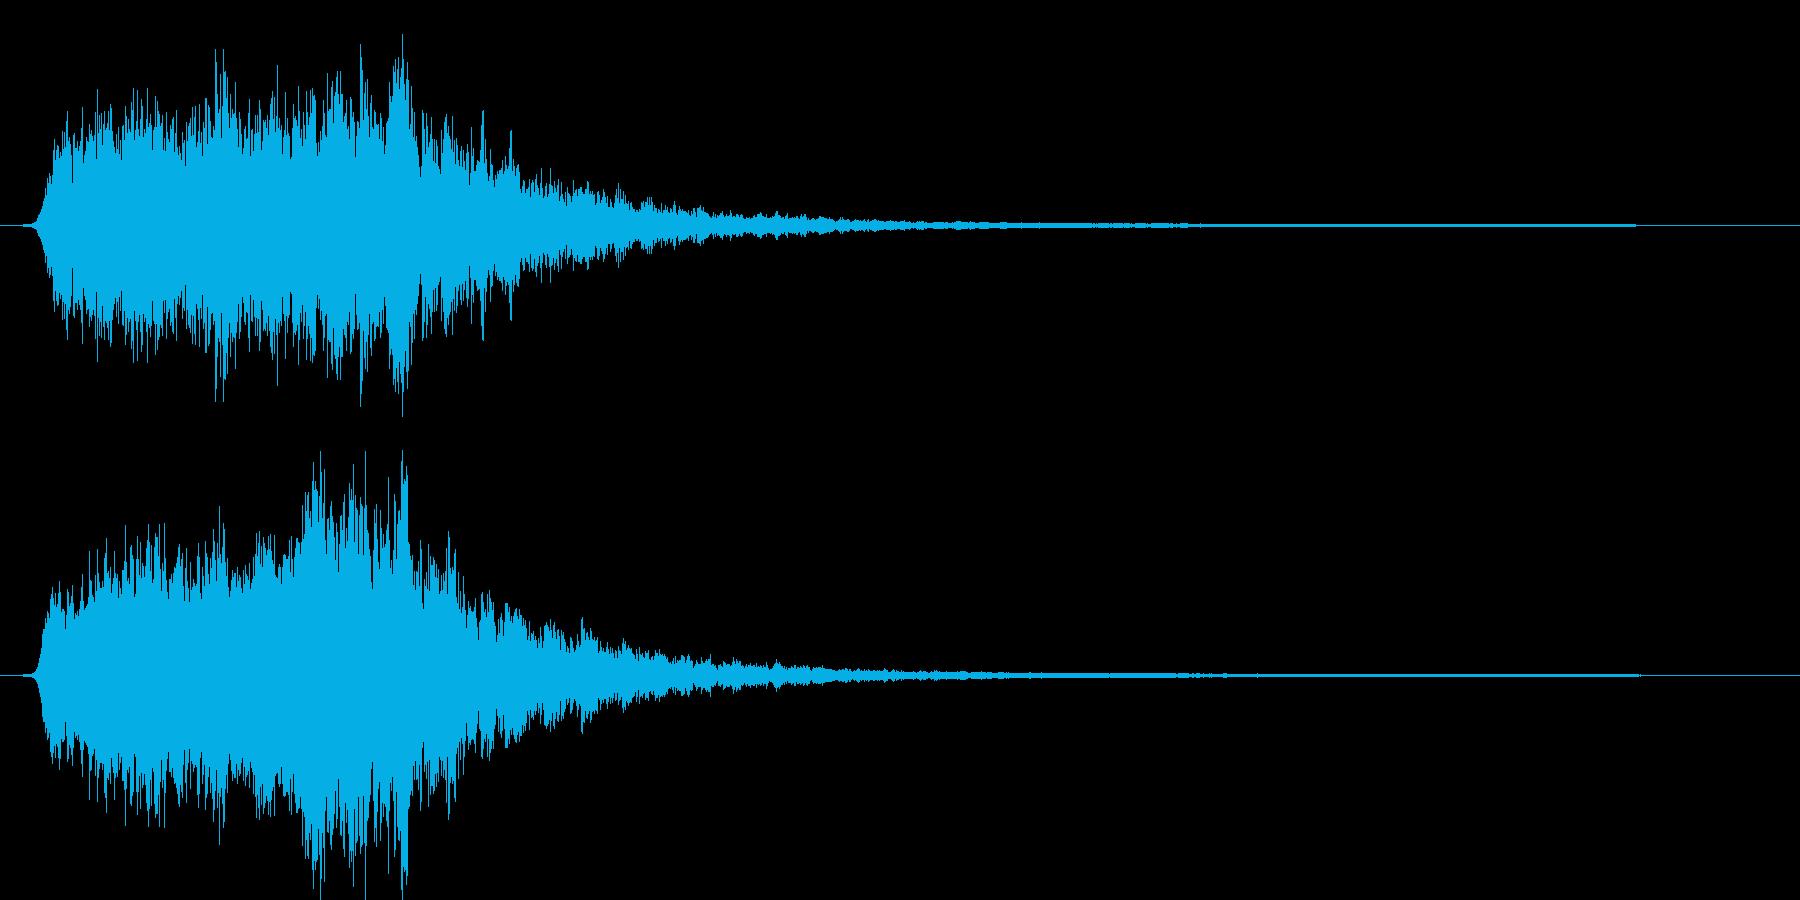 ギュゥゥ。恐怖・悪寒の音D(低・下降)の再生済みの波形